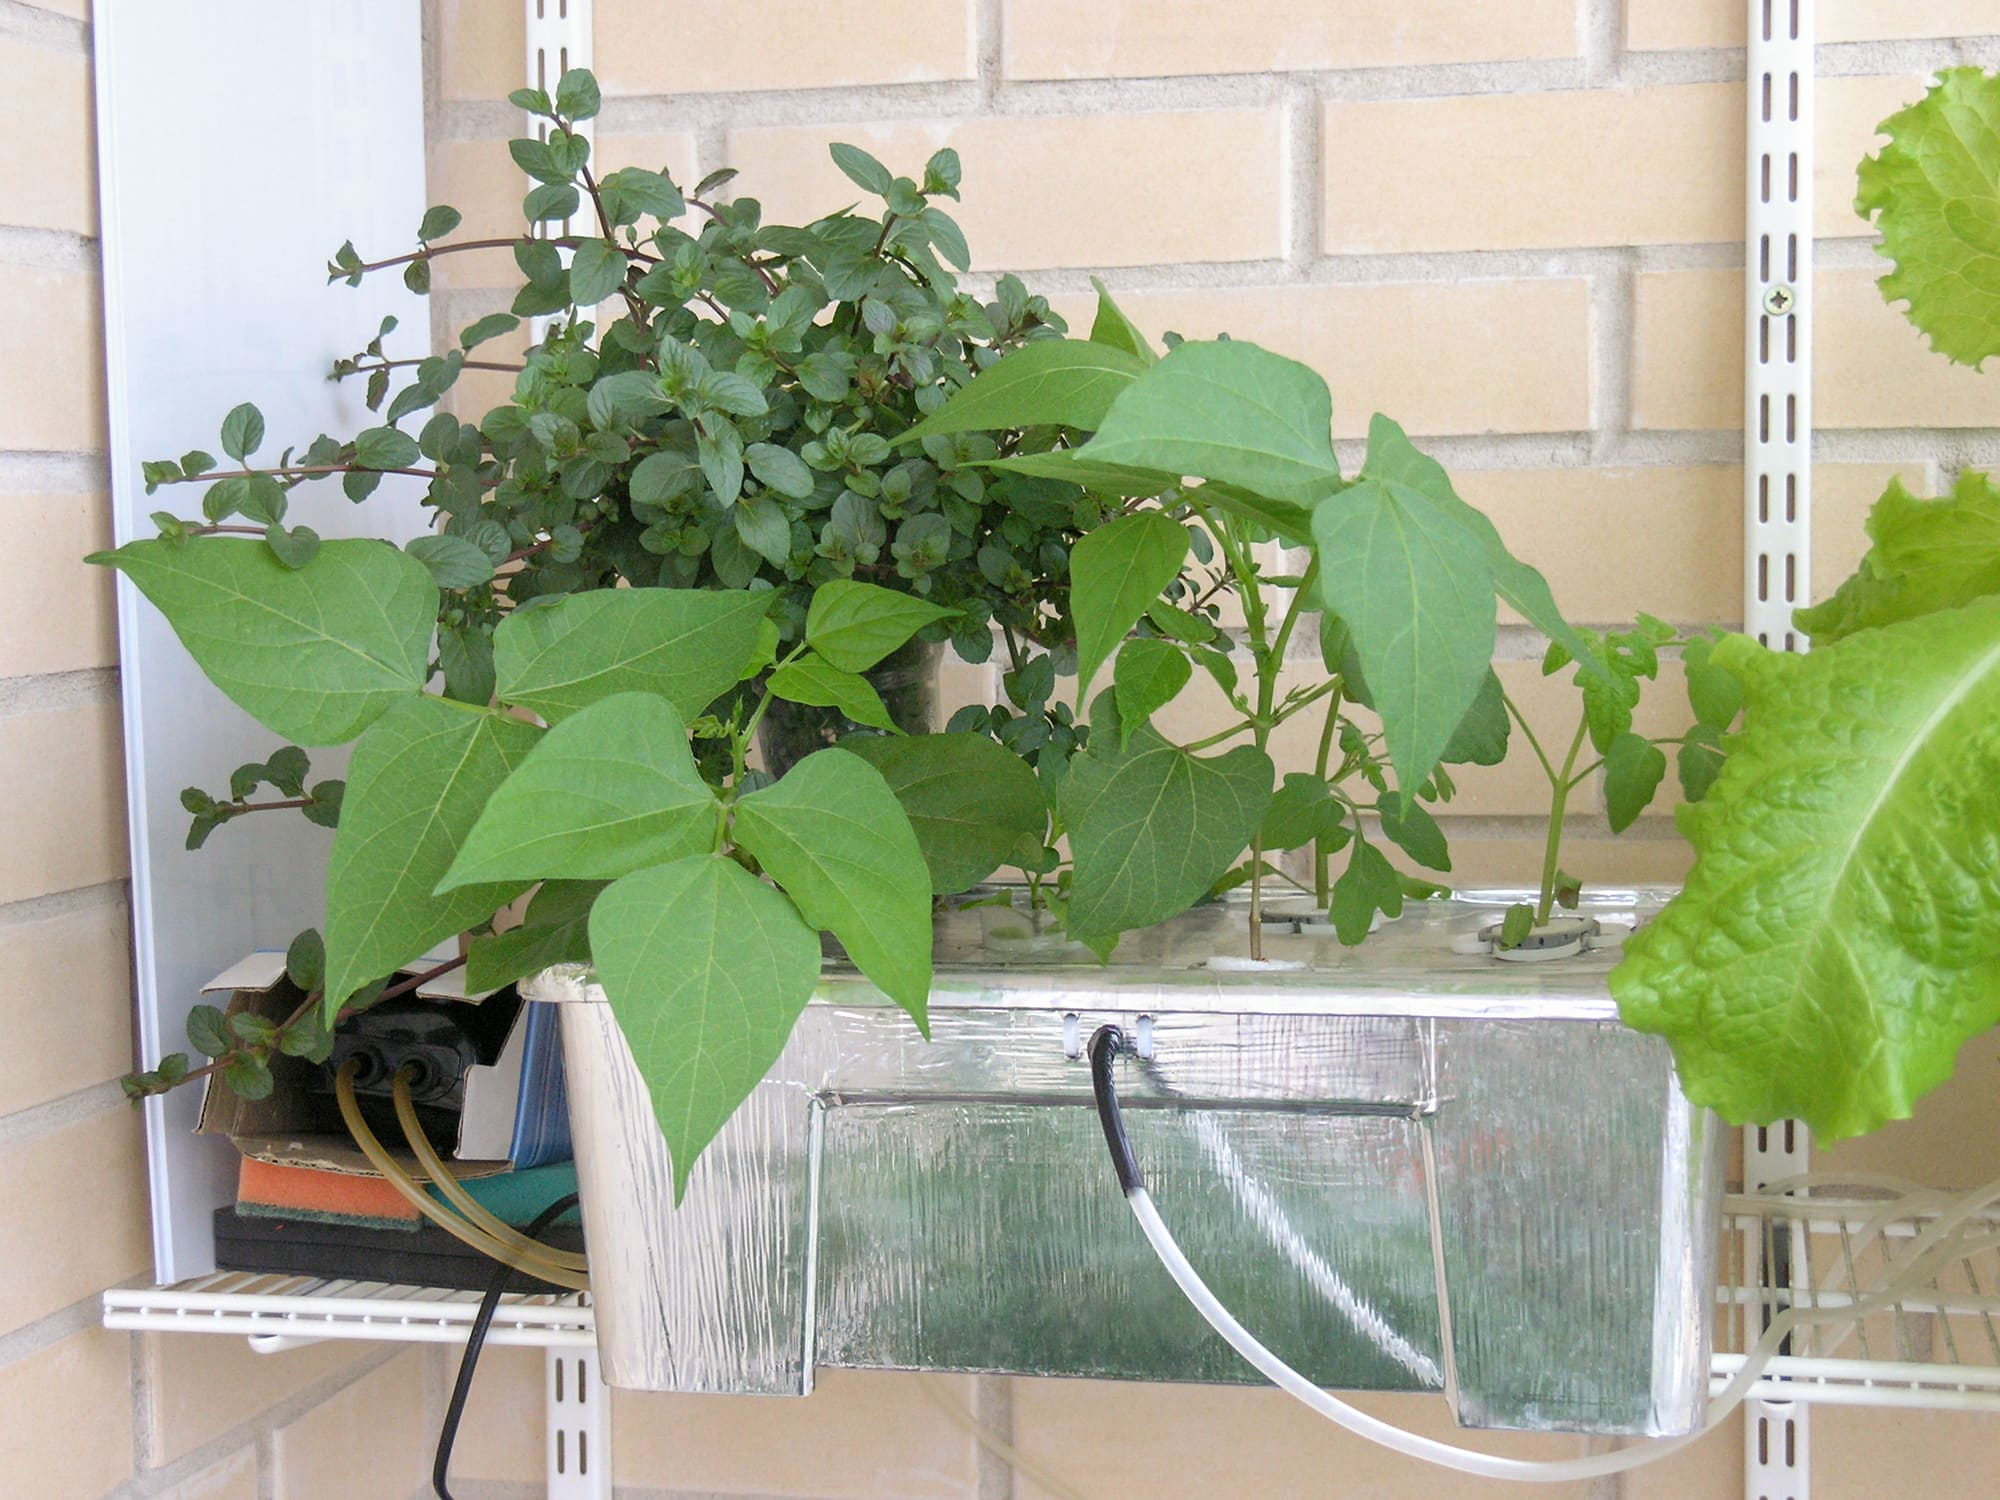 Гидропонный контейнер с растениями